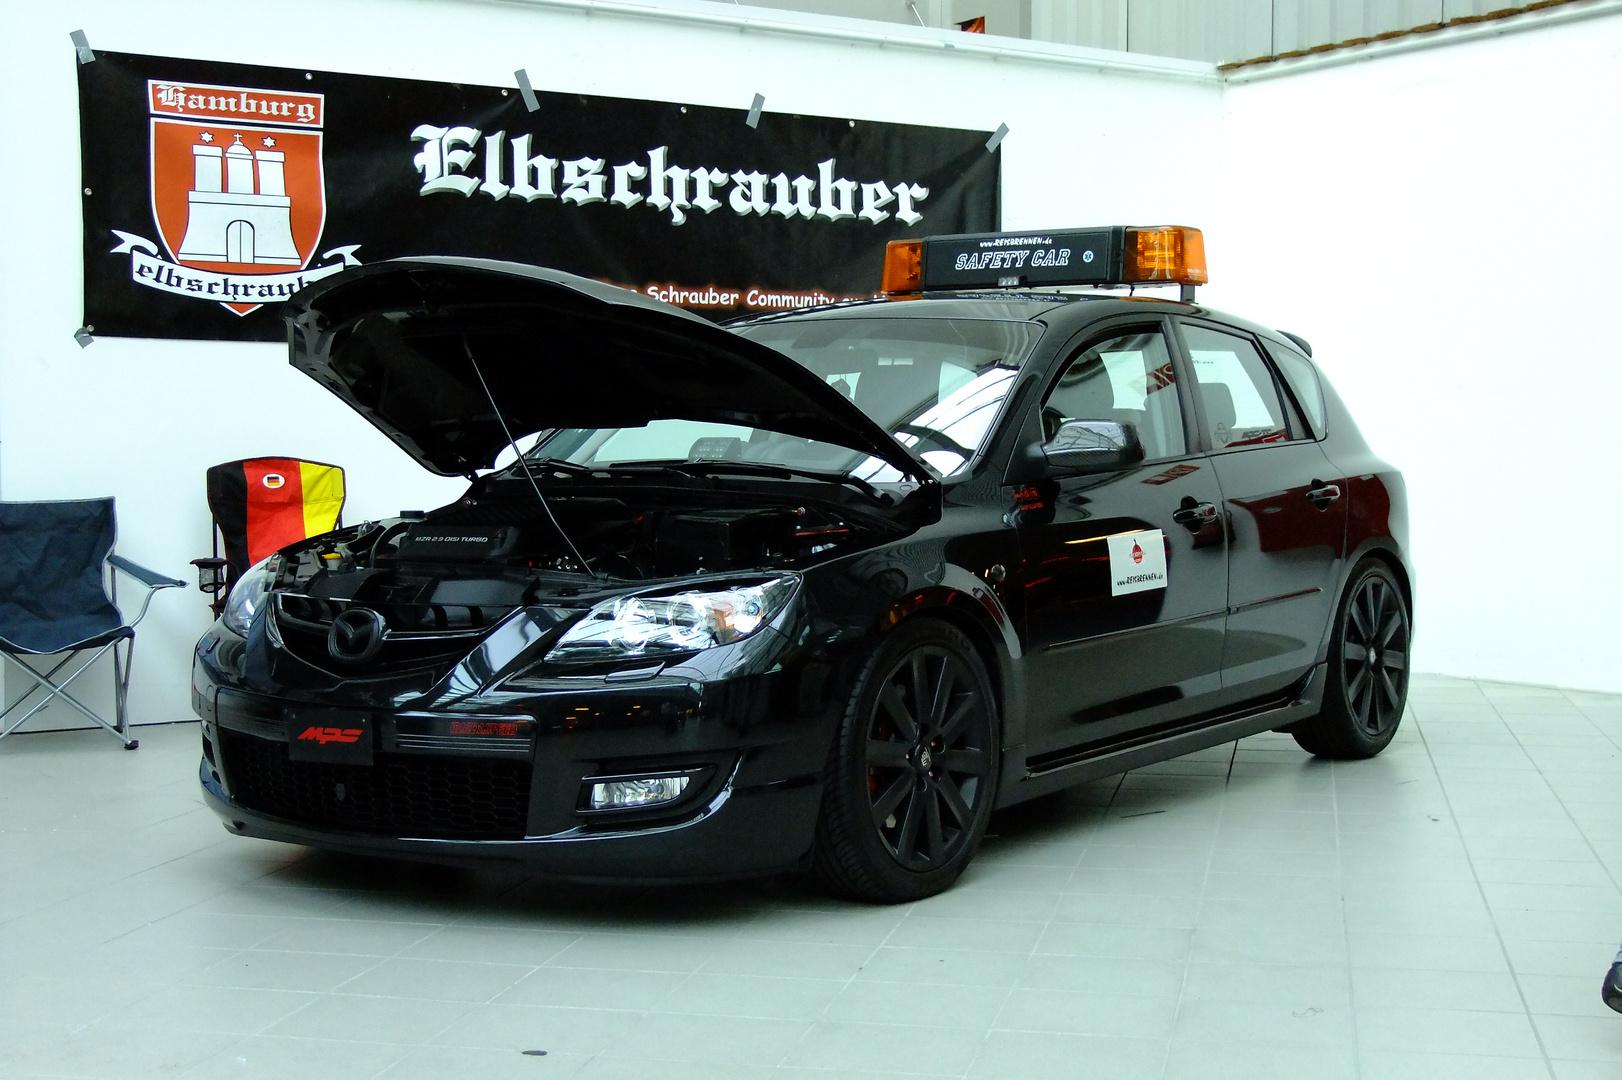 Safety Car Carnight 2011 Hamburg